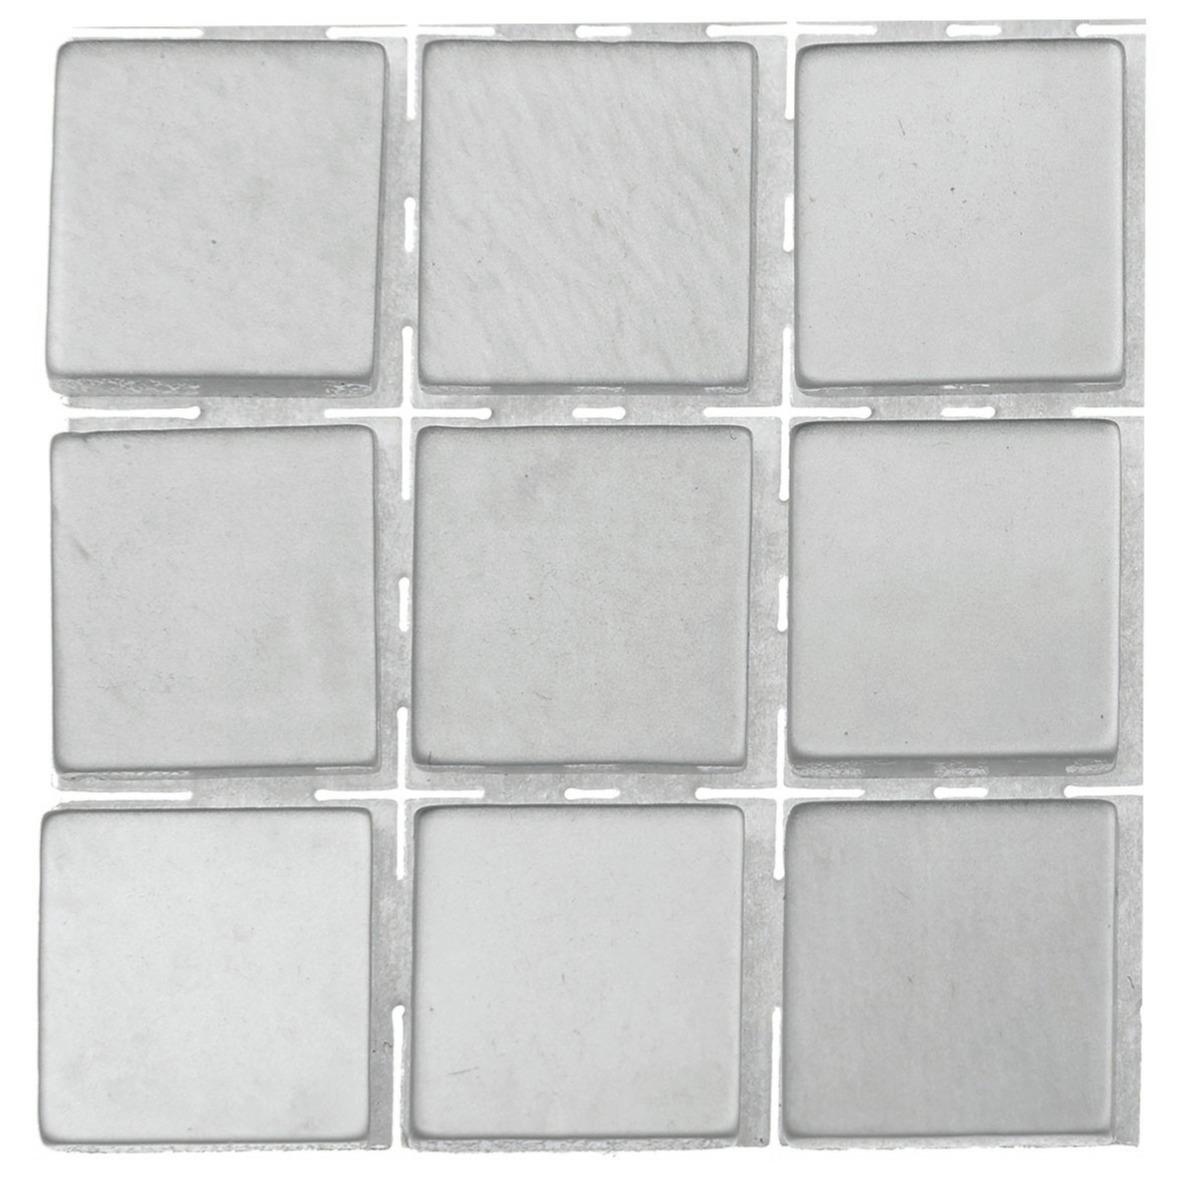 63x stuks mozaieken maken steentjes-tegels kleur grijs 10 x 10 x 2 mm